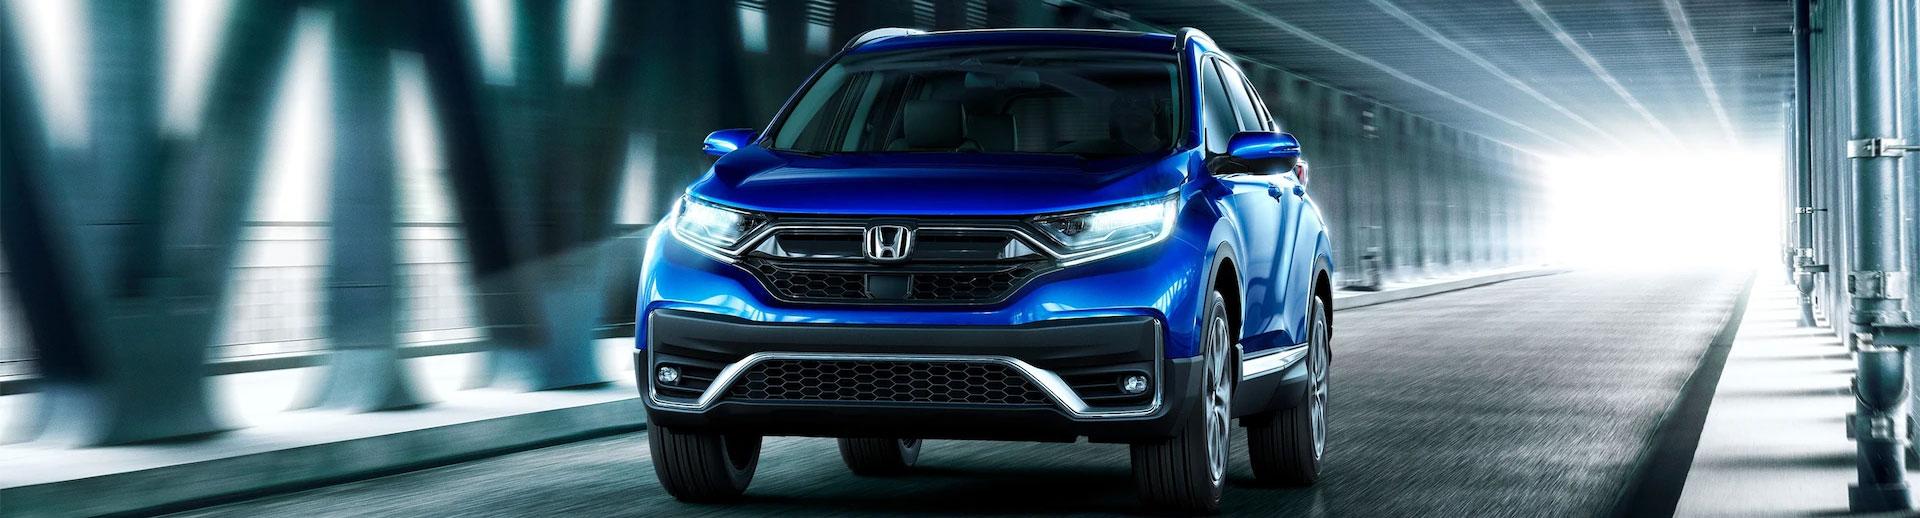 2022 Honda CR-V Lifestyle Photo